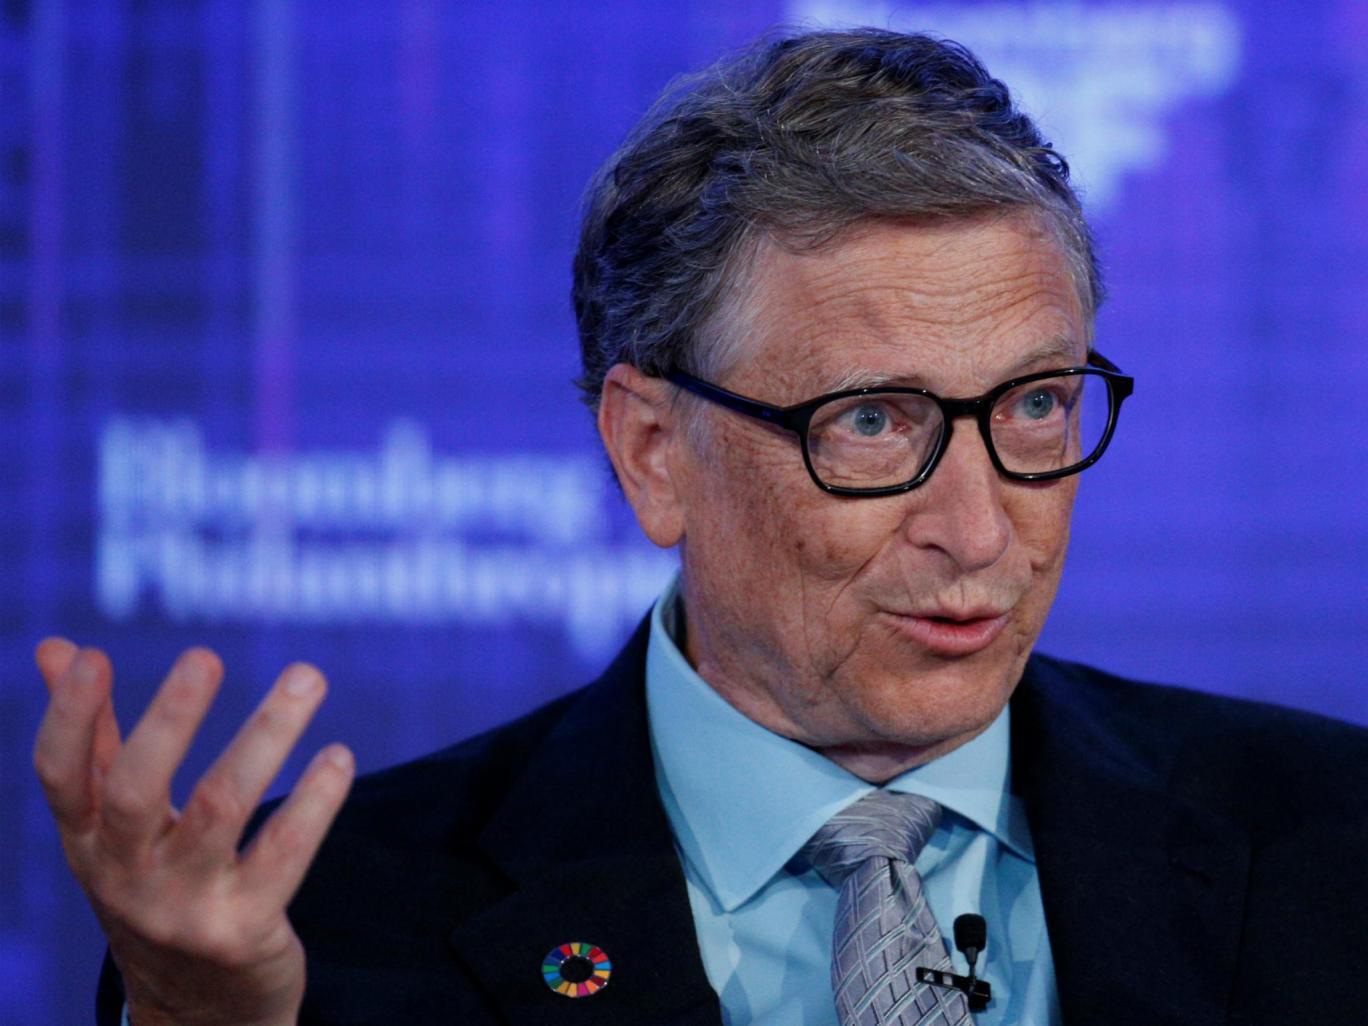 คำคมของบิล เกตส์ นักธุรกิจเจ้าของ Microsoft